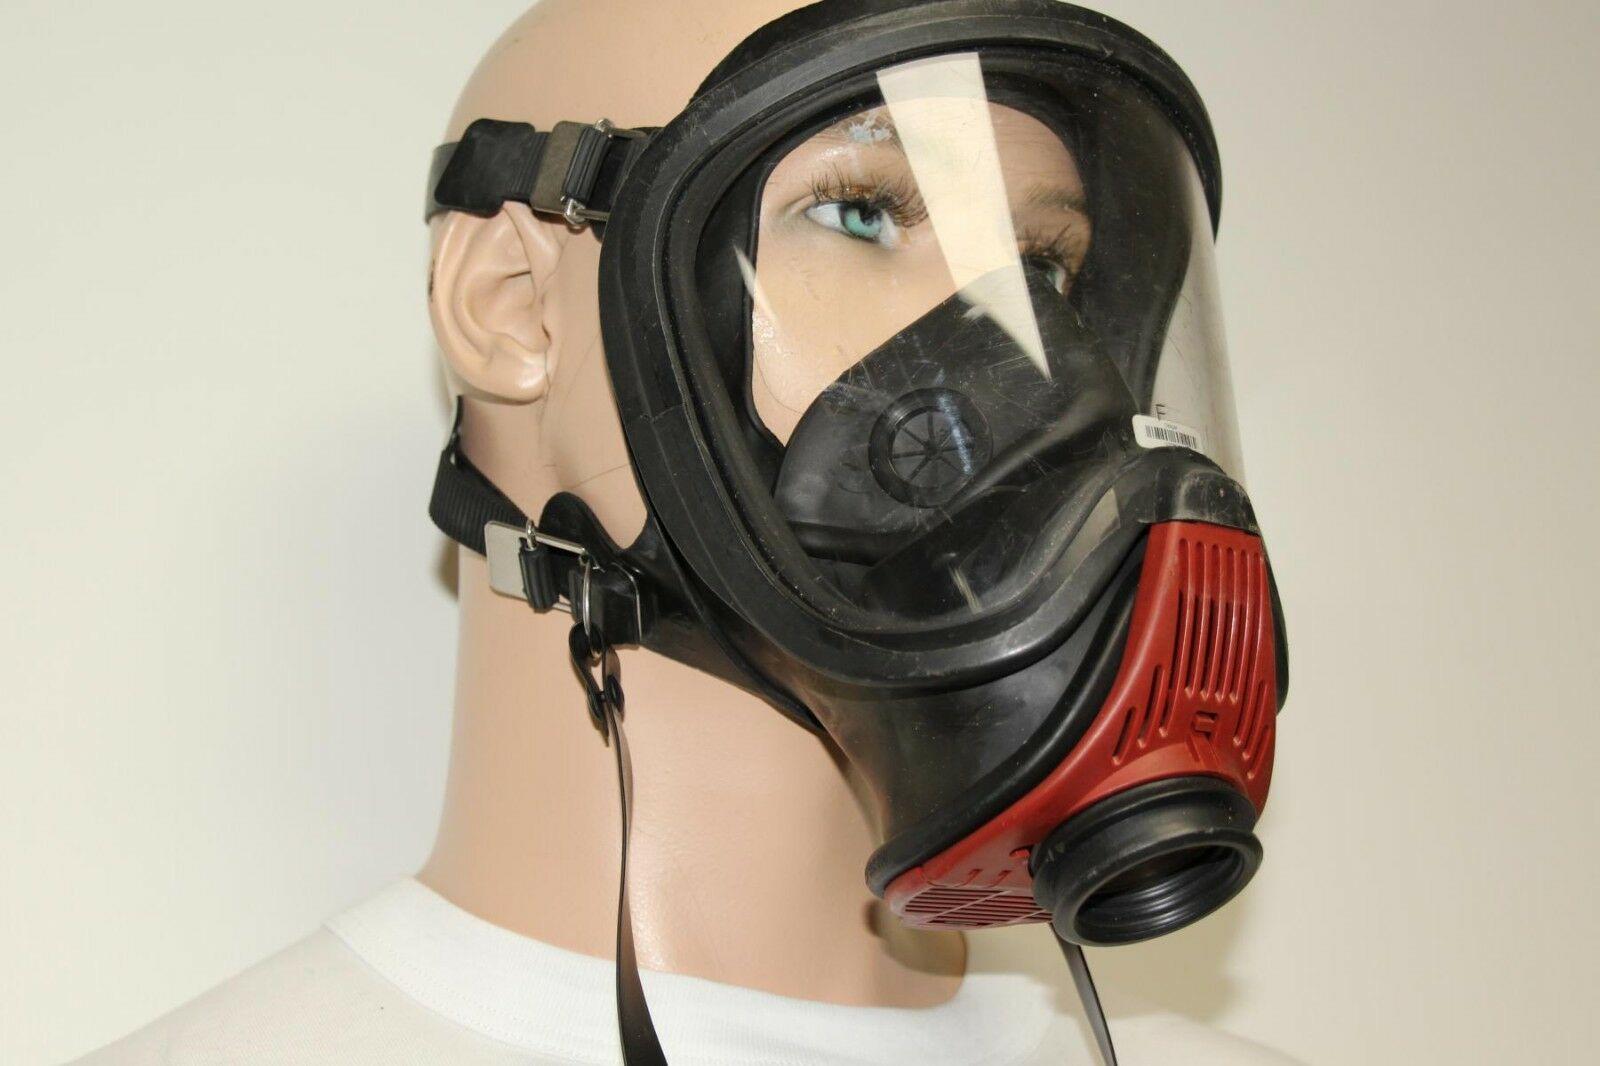 Auer-MSA-Ultra-Elite-Atemschutzmaske-Schutzmaske-Uberdruck-Steckanschluss